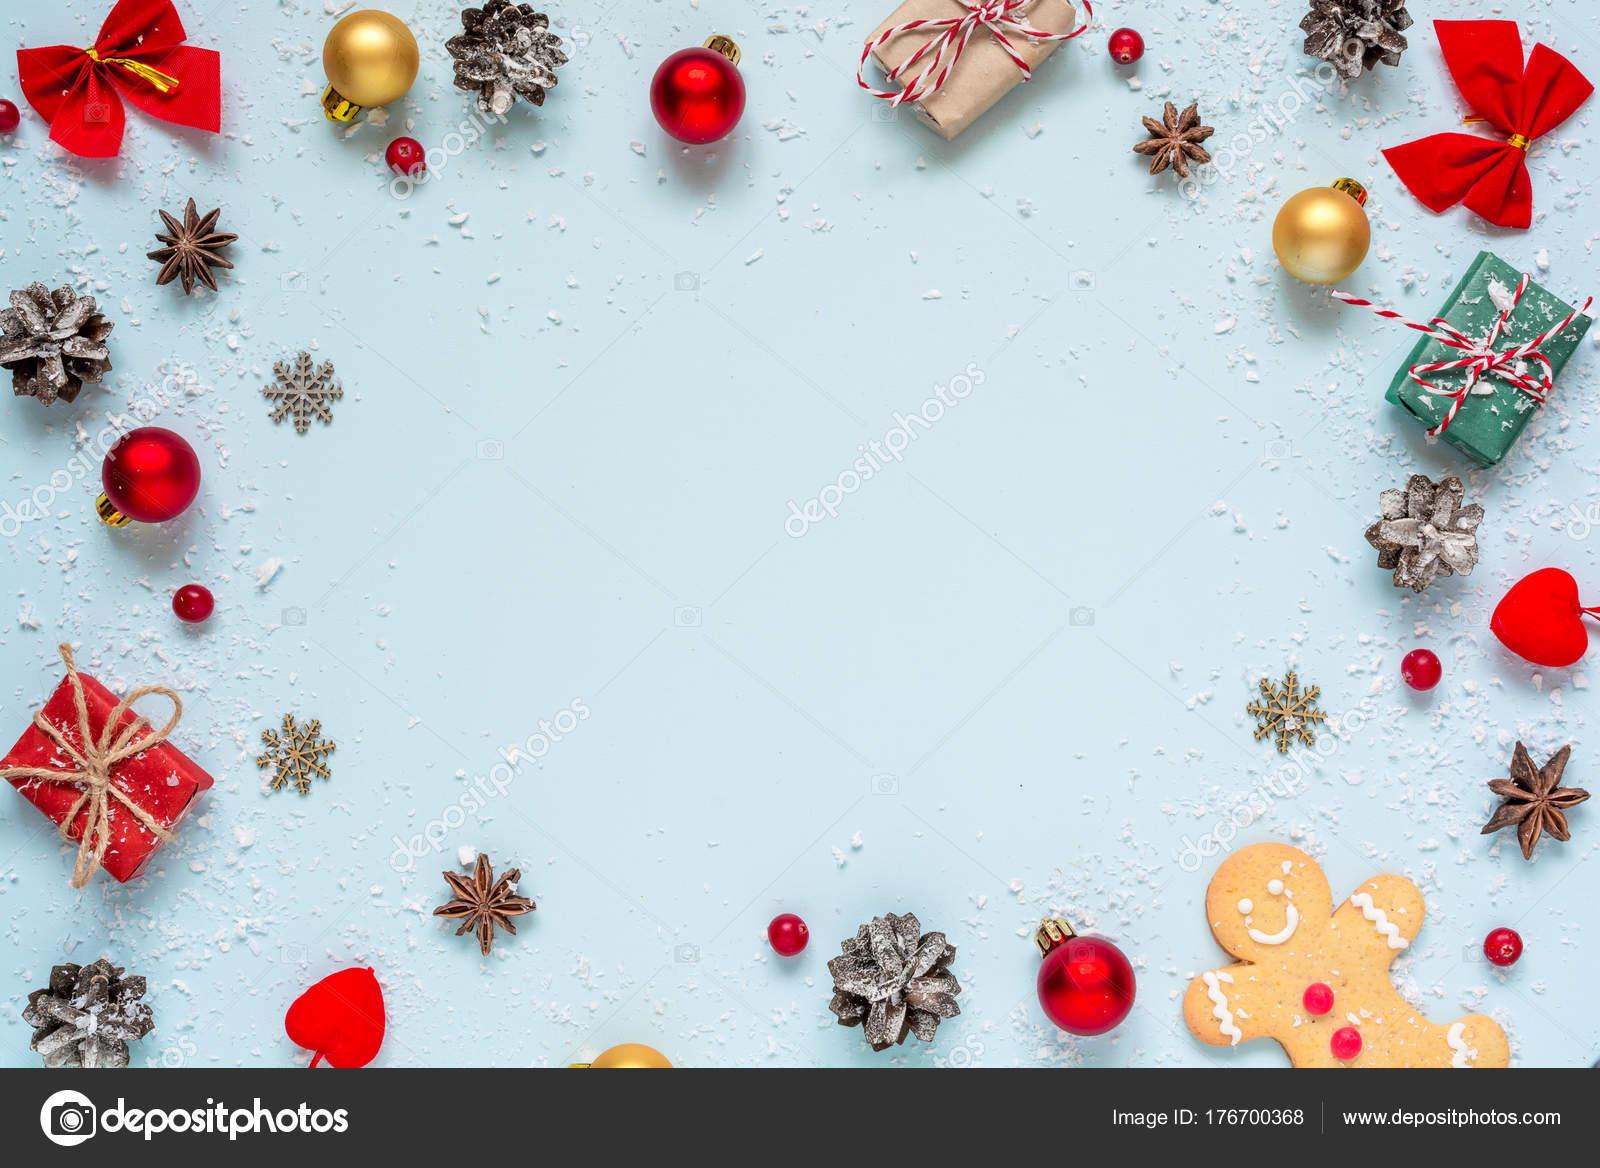 Kerstdecoraties Met Rood : Kerst samenstelling. frame gemaakt van kerst decoraties rode bessen